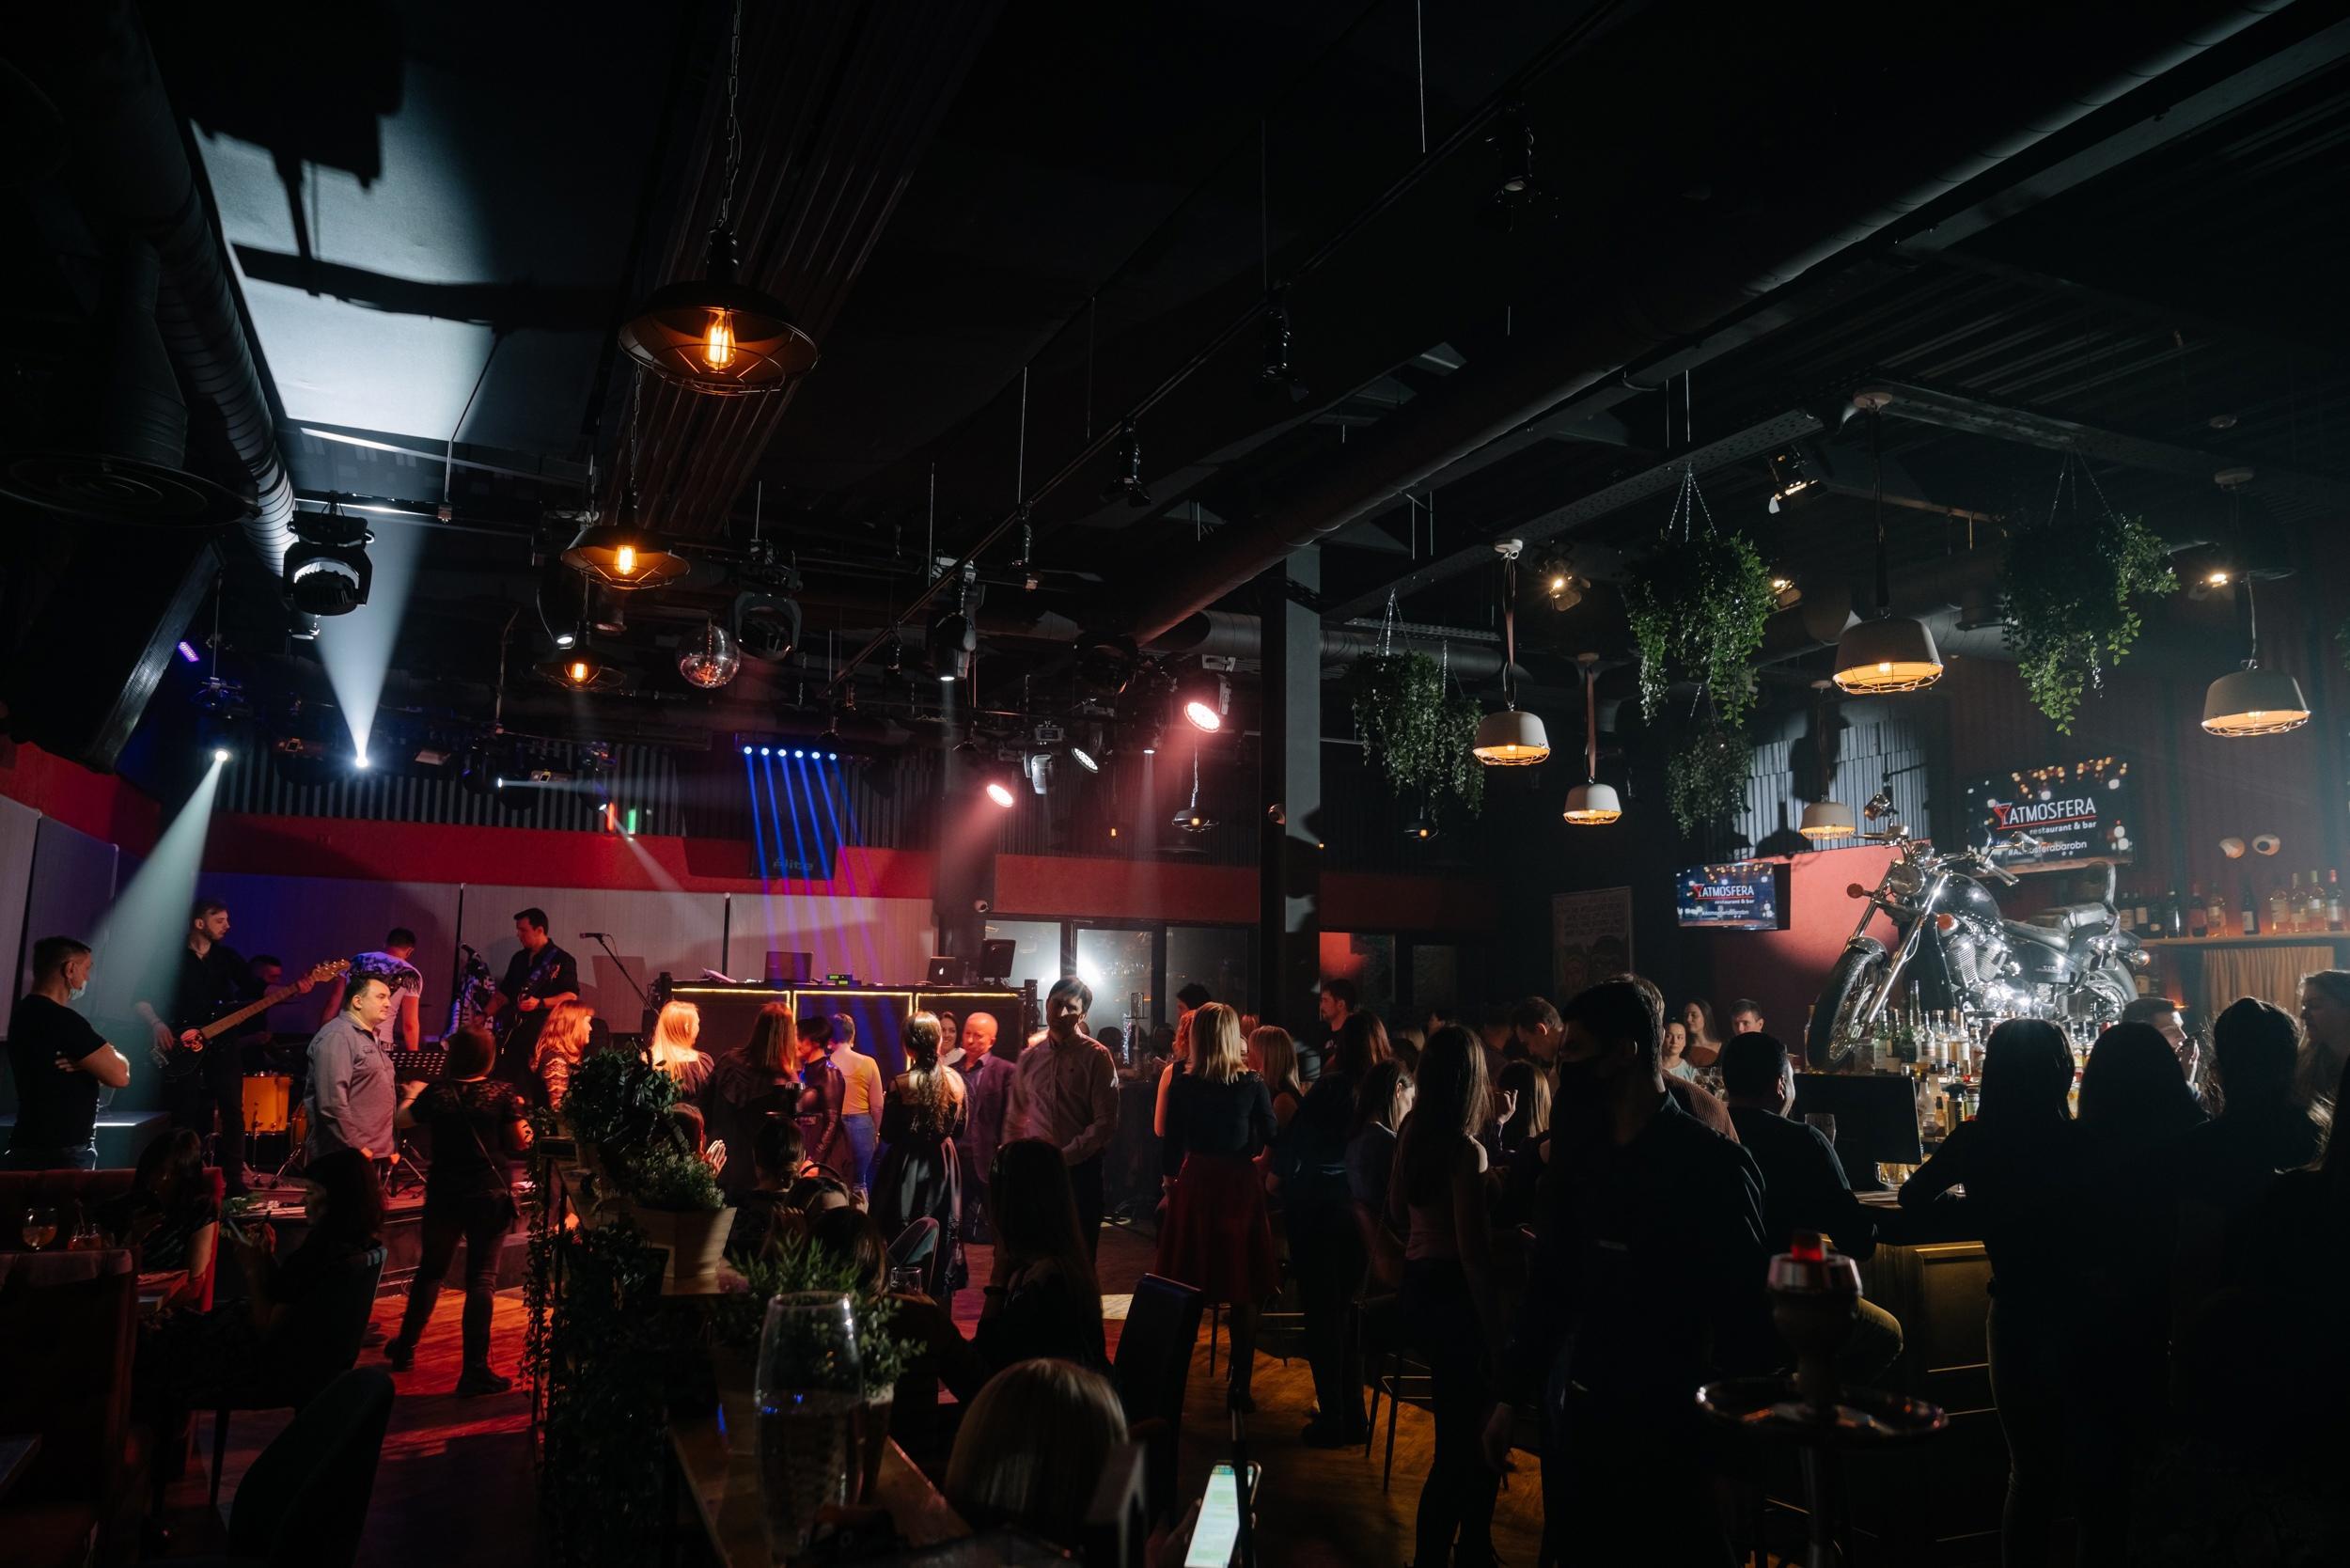 Обнинск. Отдых и развлечения: Ресторан-бар «Атмосфера»